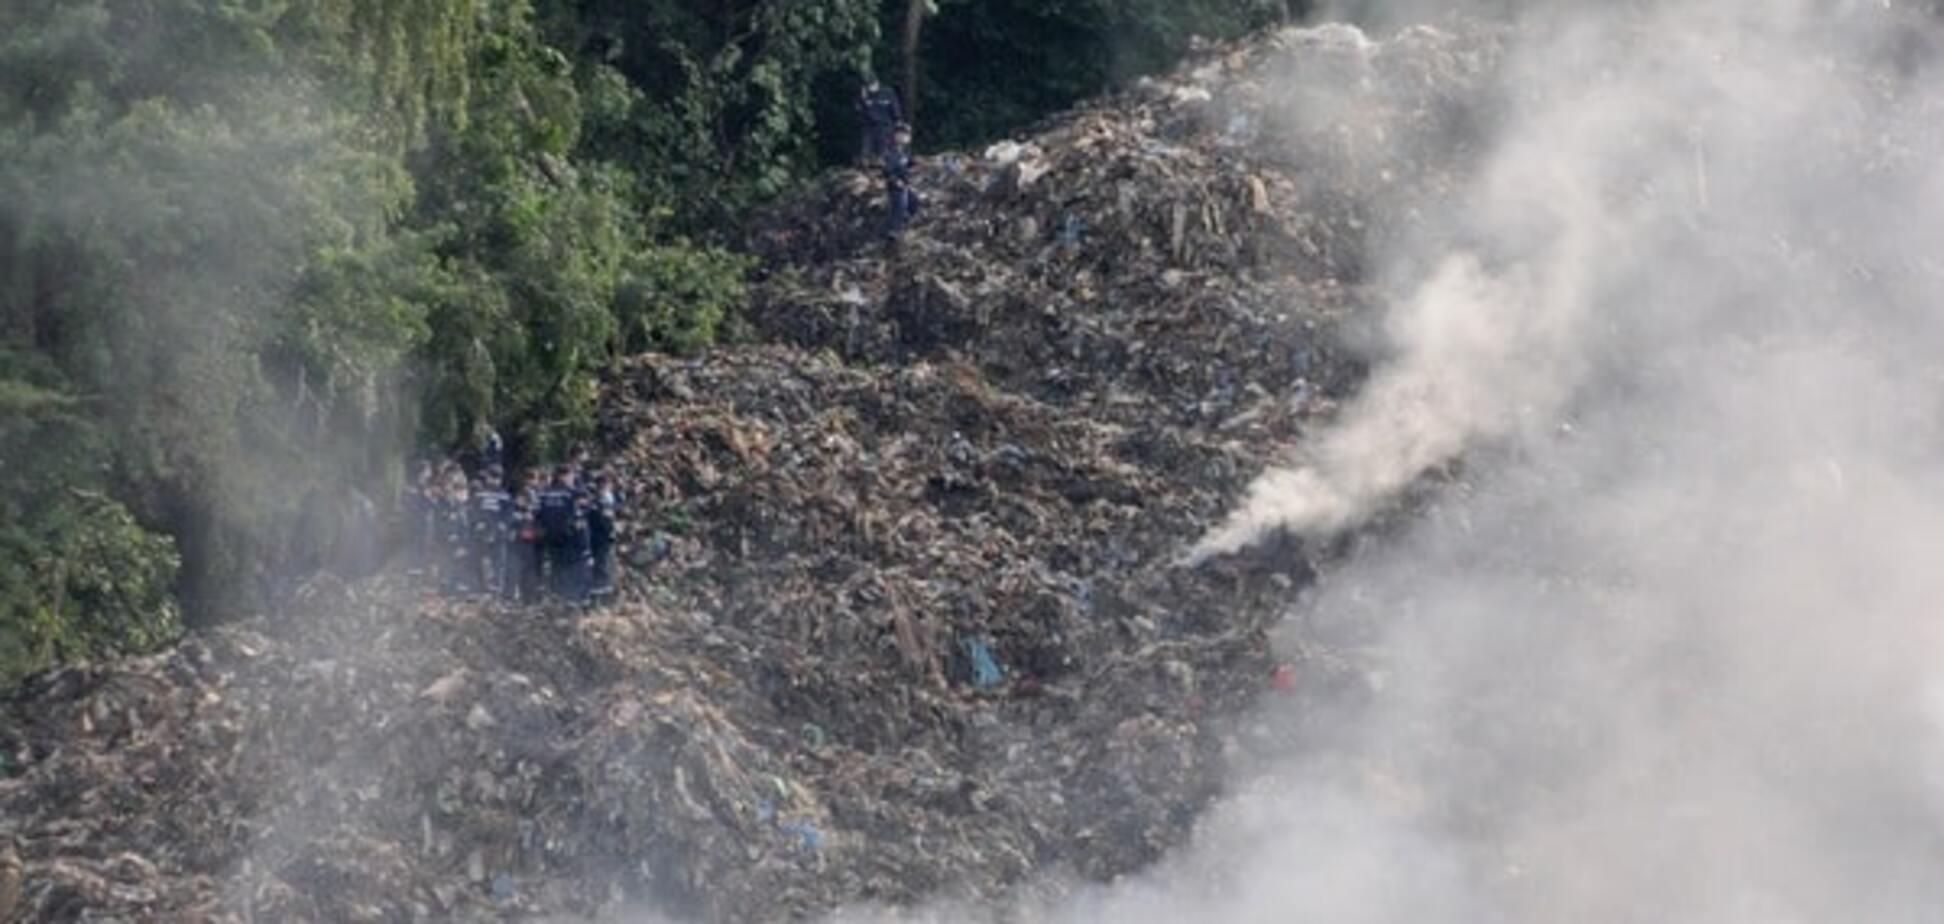 Напакостили, а Киев должен отдуваться: эколог рассказал о перевозке мусора из Львова